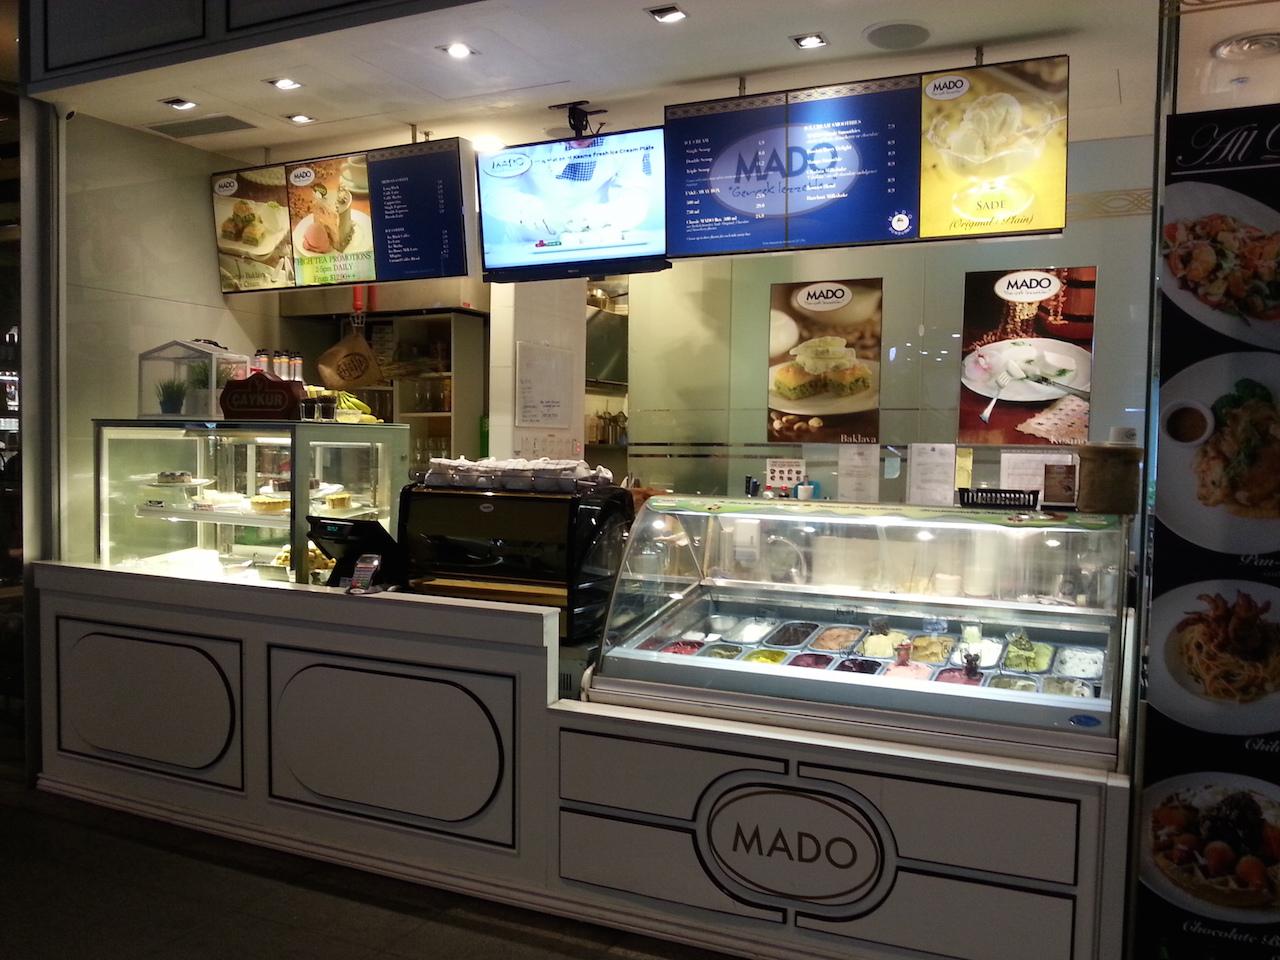 Mado Cafe at 50 Gateway Road